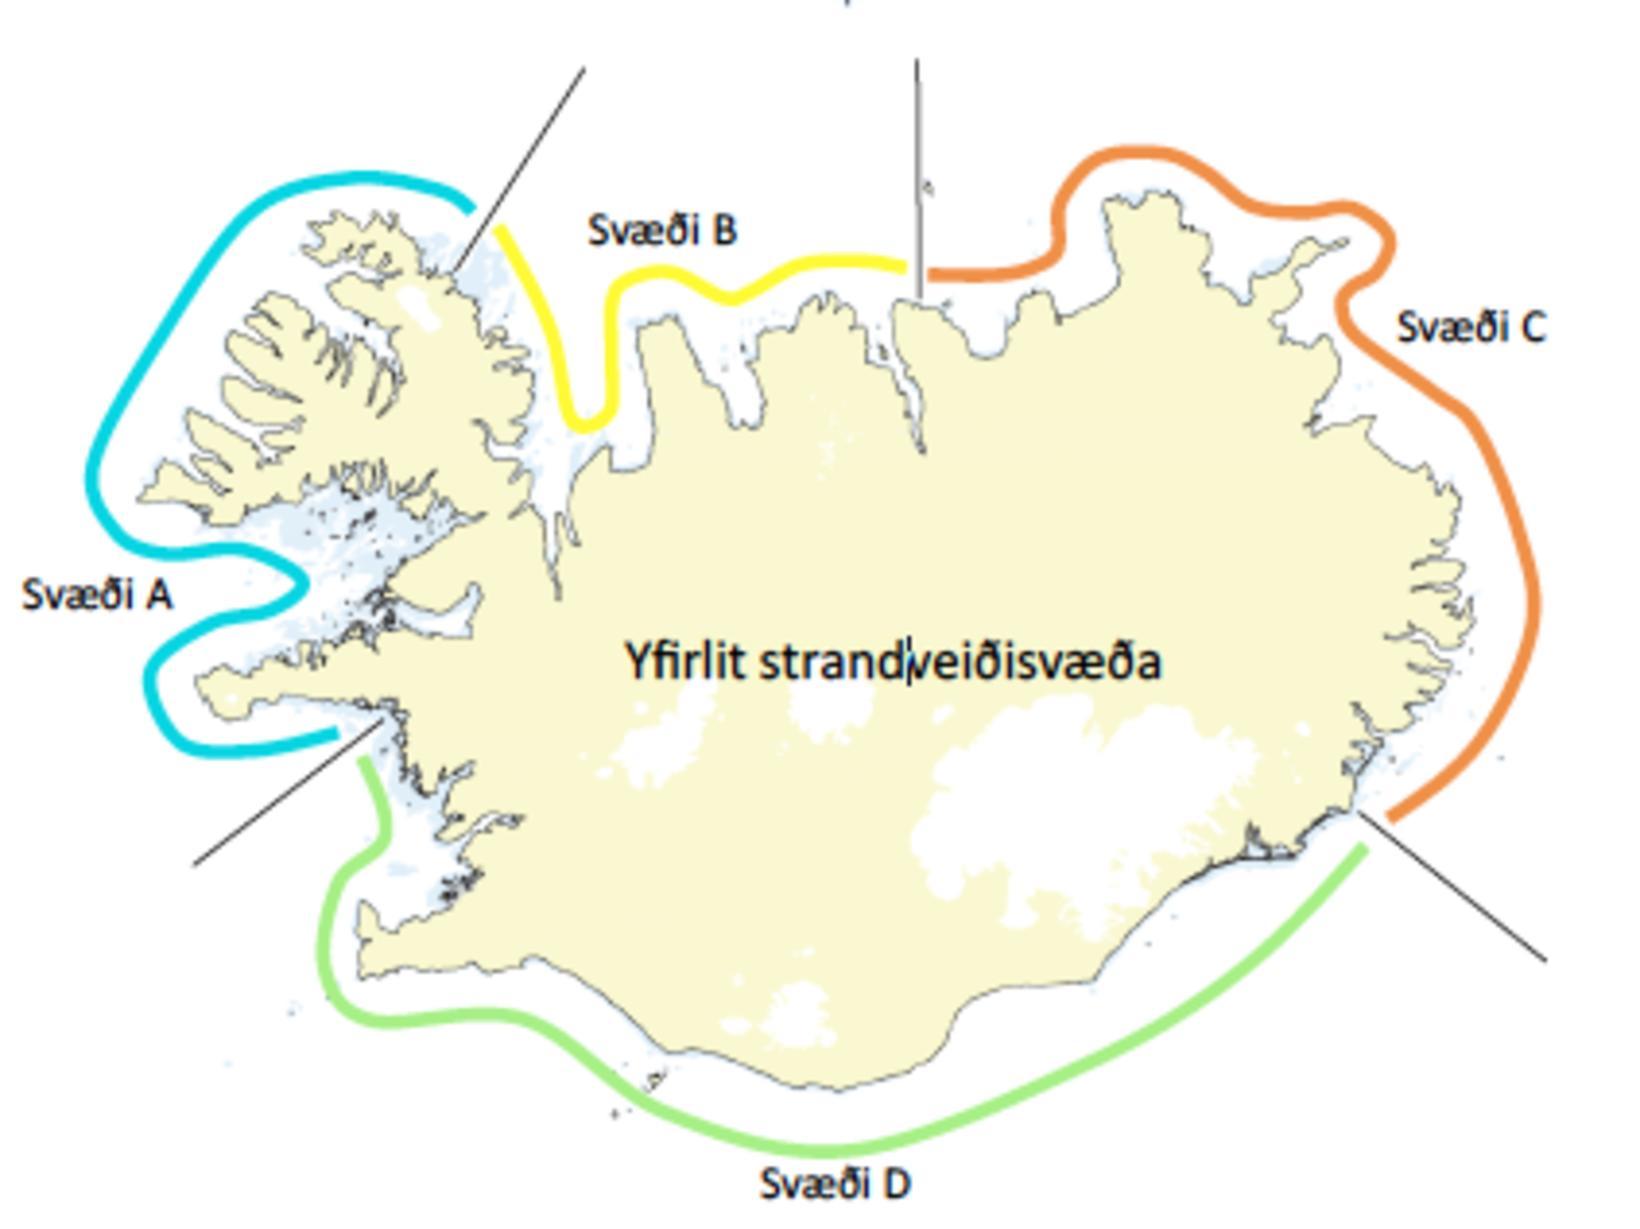 Strandveiðisvæðin.